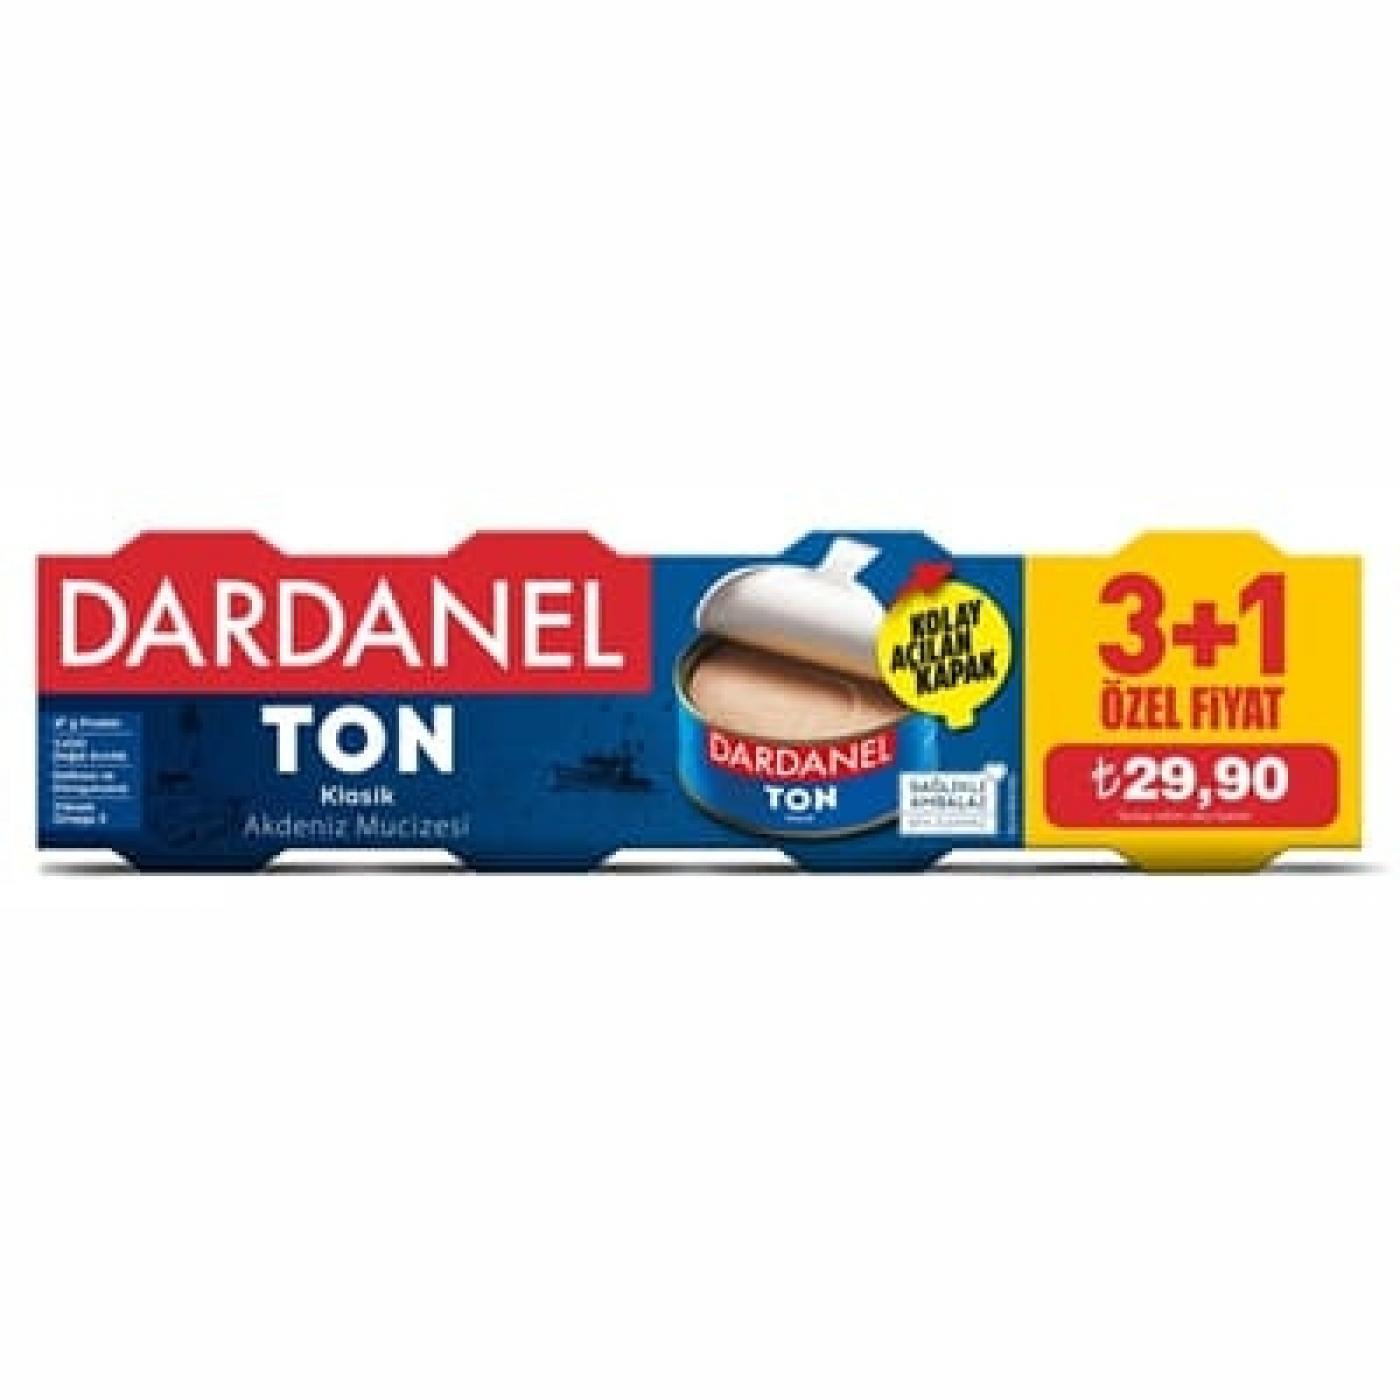 DARDANEL TON BALIĞI 75GR*4